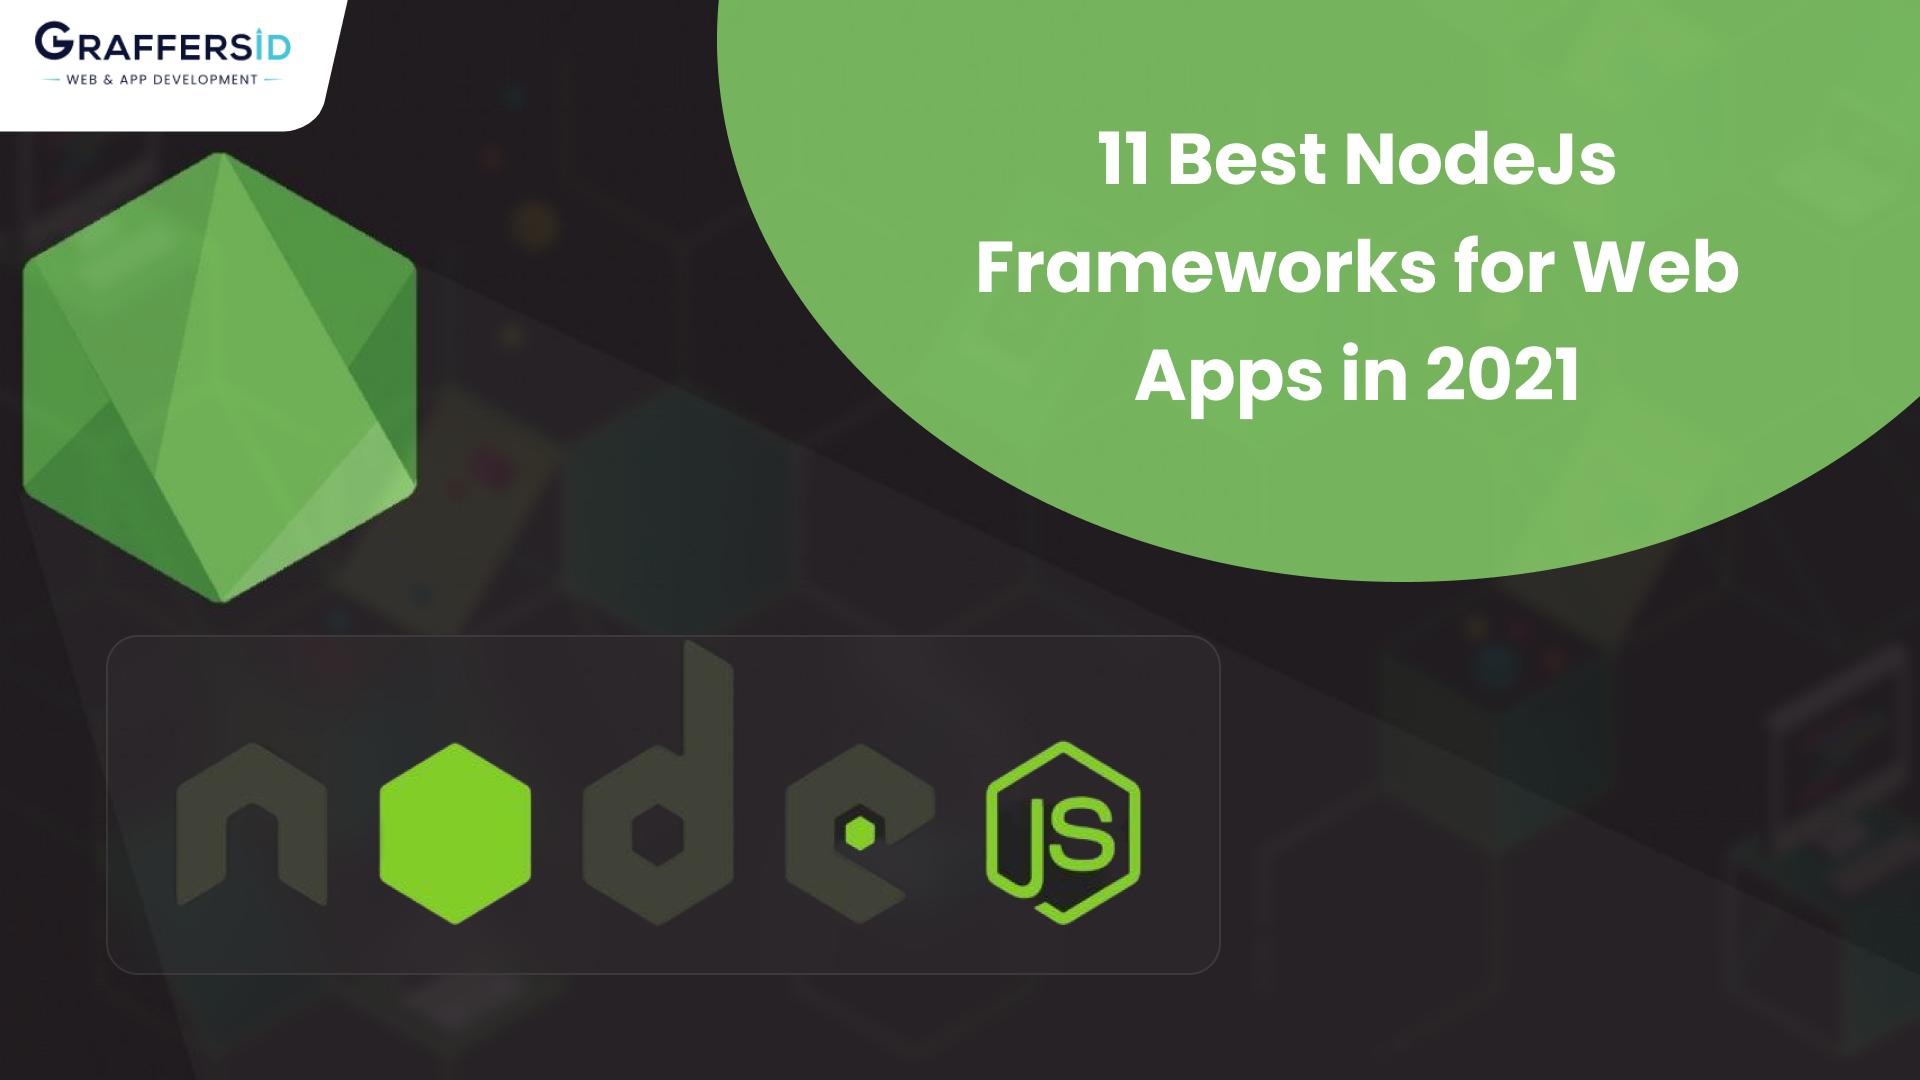 11 Best Nodejs Frameworks for Web Apps in 2021